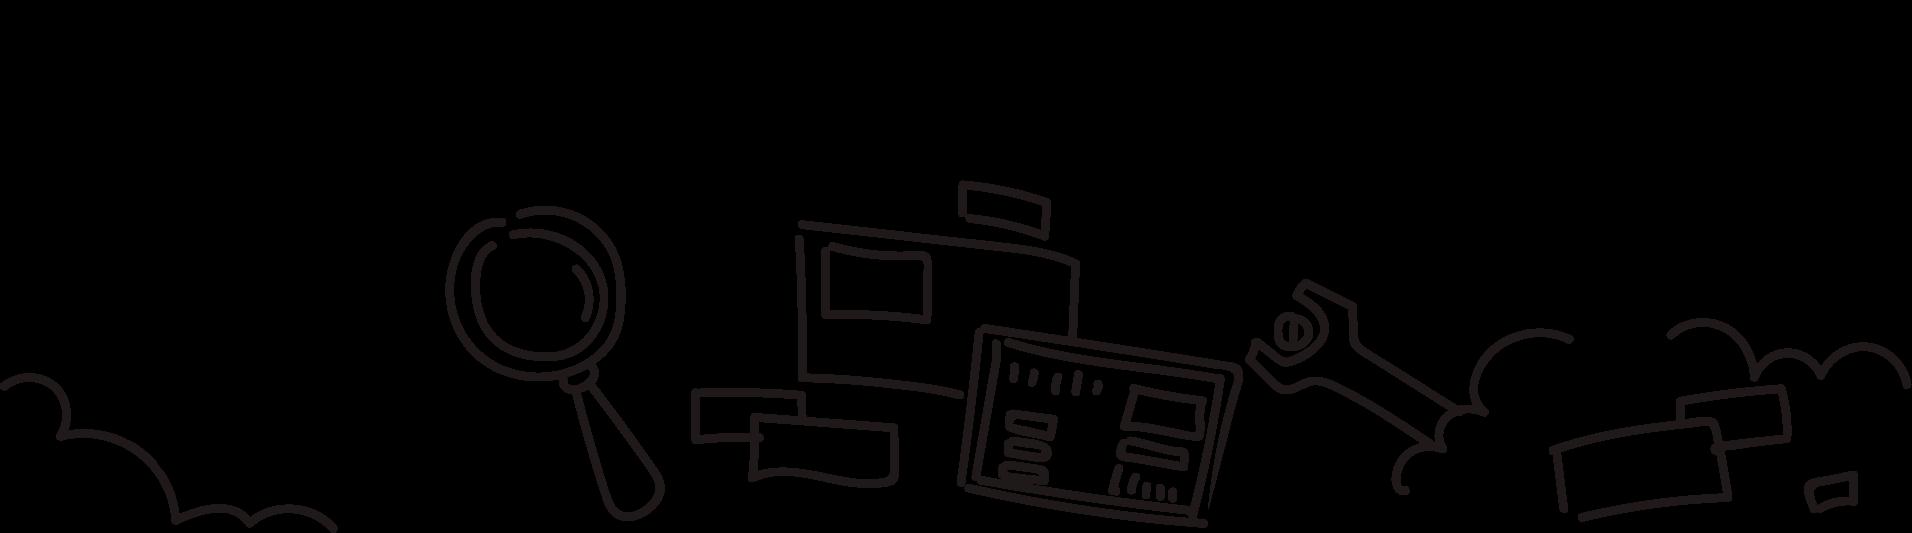 Webseiten-Optimierung Suchmaschinen Witten Bochum Online-Marketing